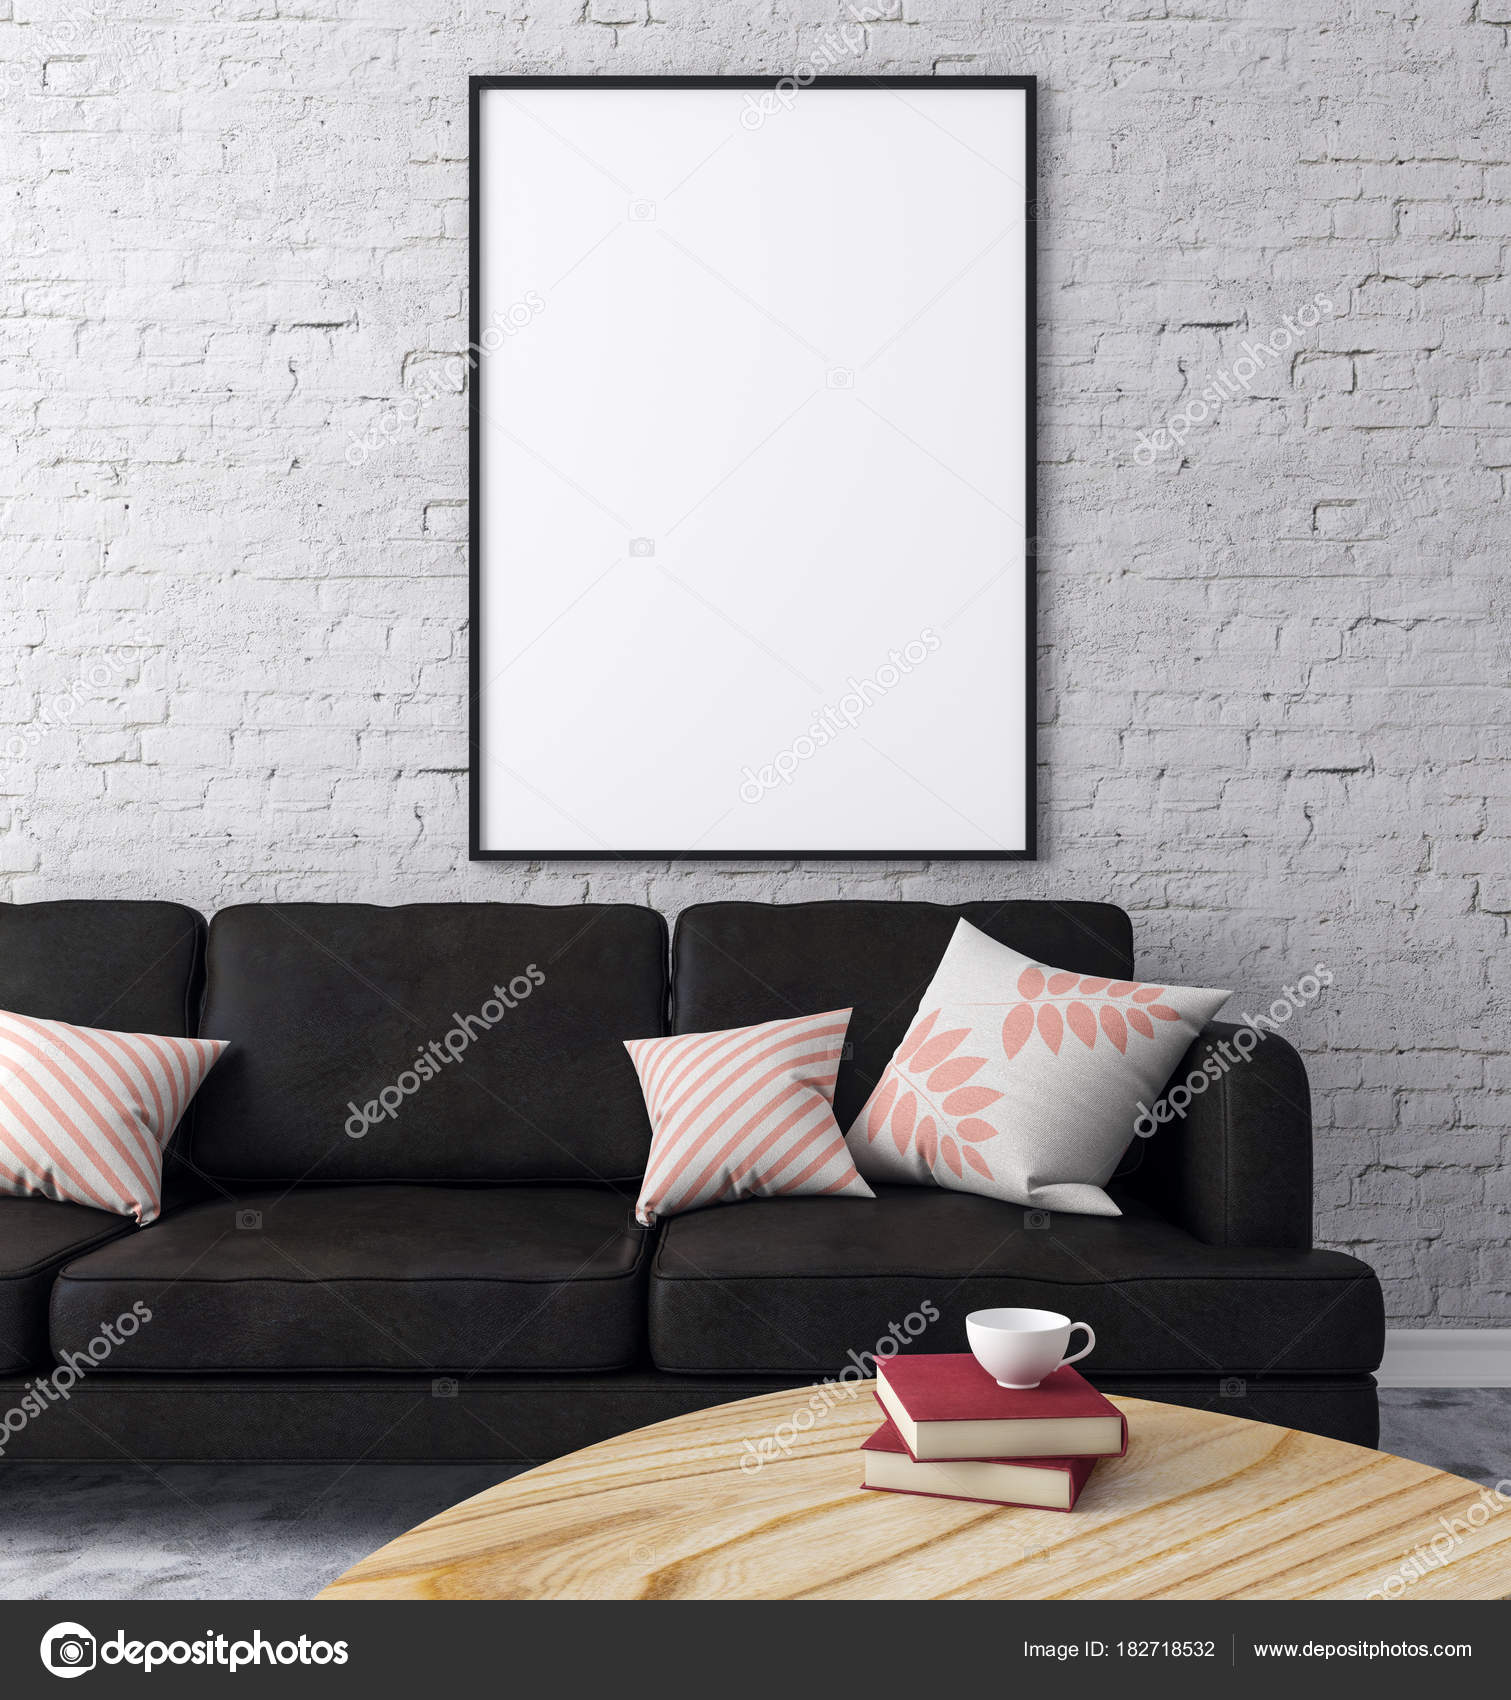 Loft Ziegel Wohnzimmer Einrichtung Mit Möbeln Und Leeren Plakatwand An Wand.  Konzept, Design Und Stil. 3D Rendering U2014 Foto Von Peshkova